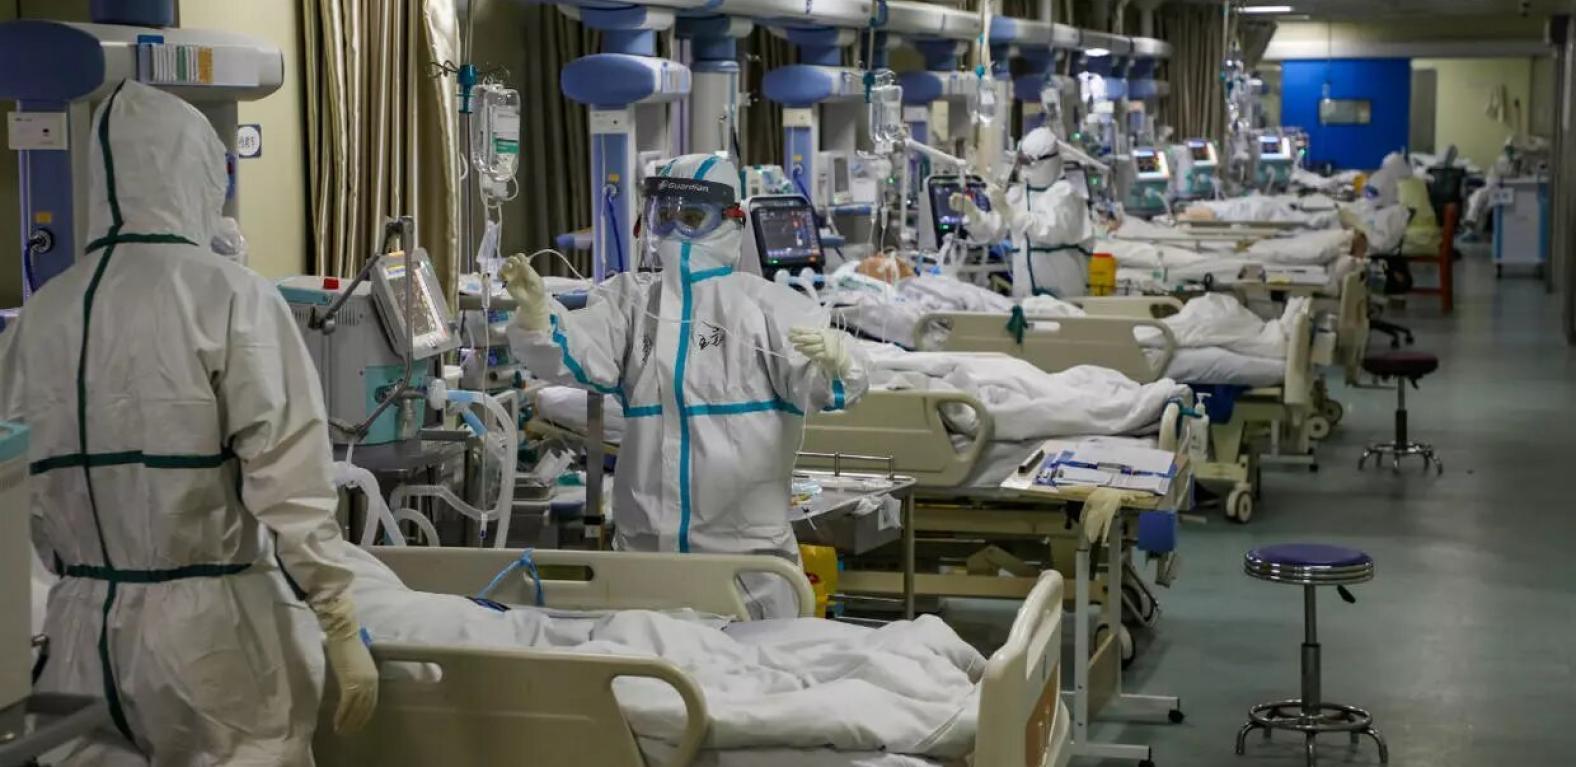 La historia del médico que predijo la pandemia de coronavirus y fue objeto  de burlas | Agencia de Periodismo Investigativo